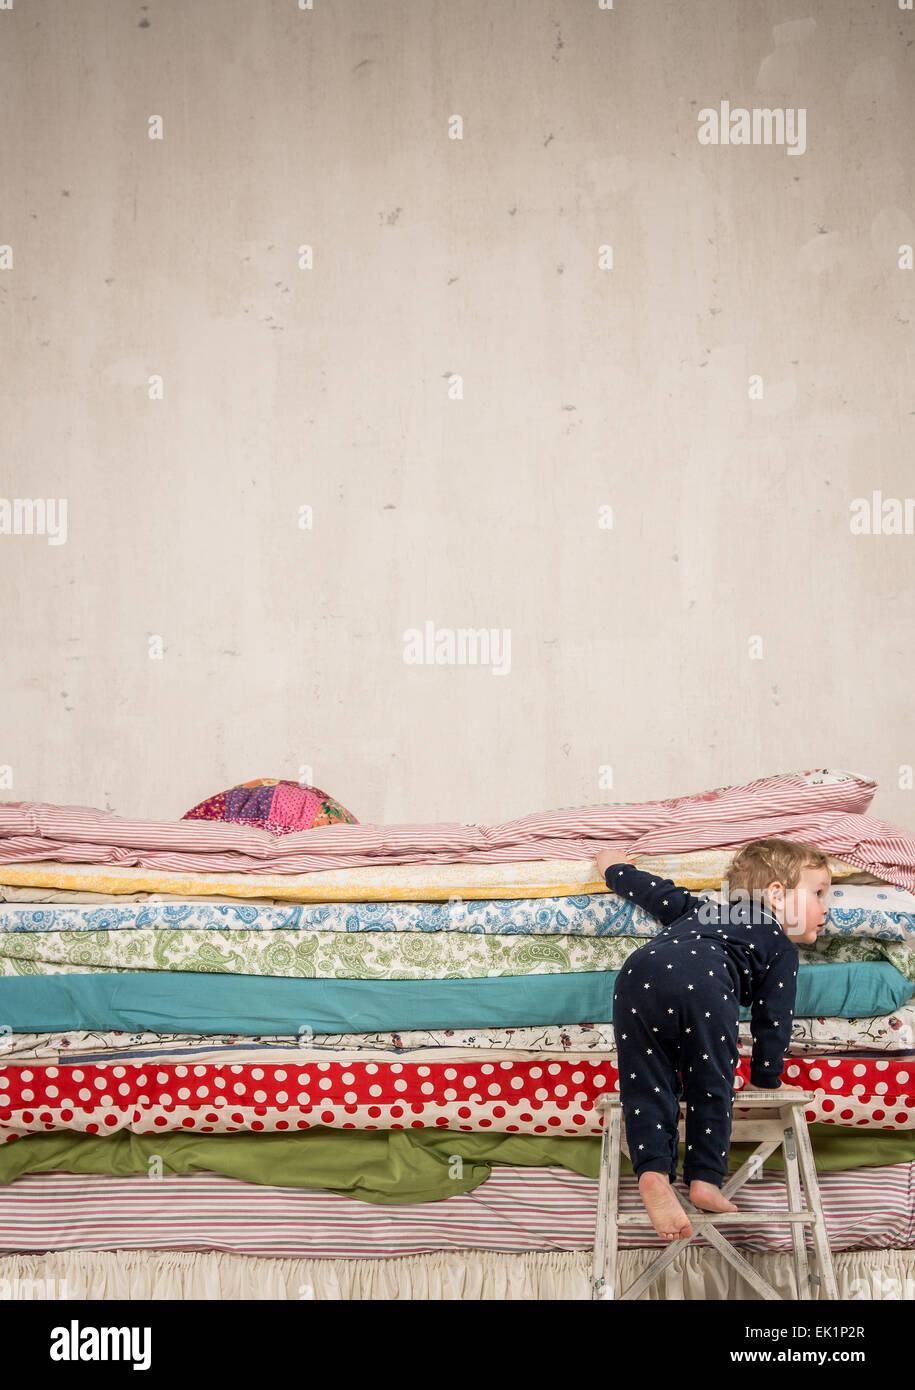 Prinzessin auf der erbse bett  Kind klettert auf dem Bett mit vielen Quilts - Prinzessin und die ...